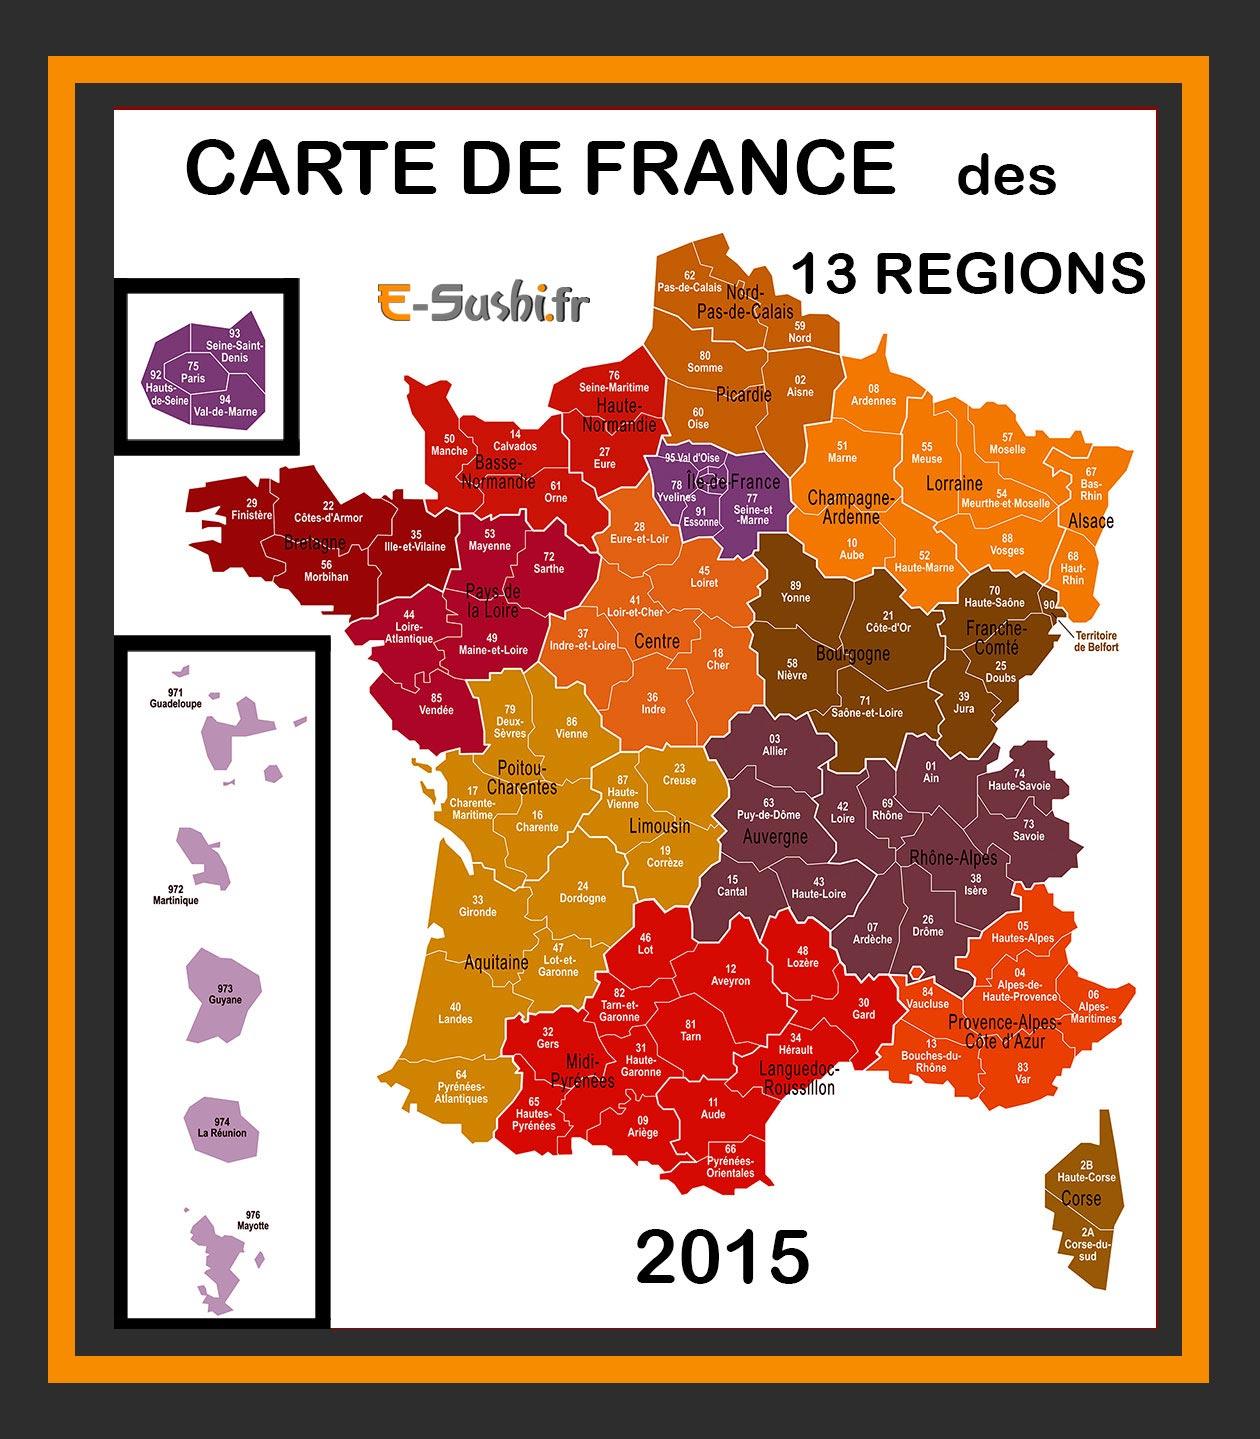 Carte De France 13 Régions - Arts Et Voyages encequiconcerne Carte Des 13 Nouvelles Régions De France